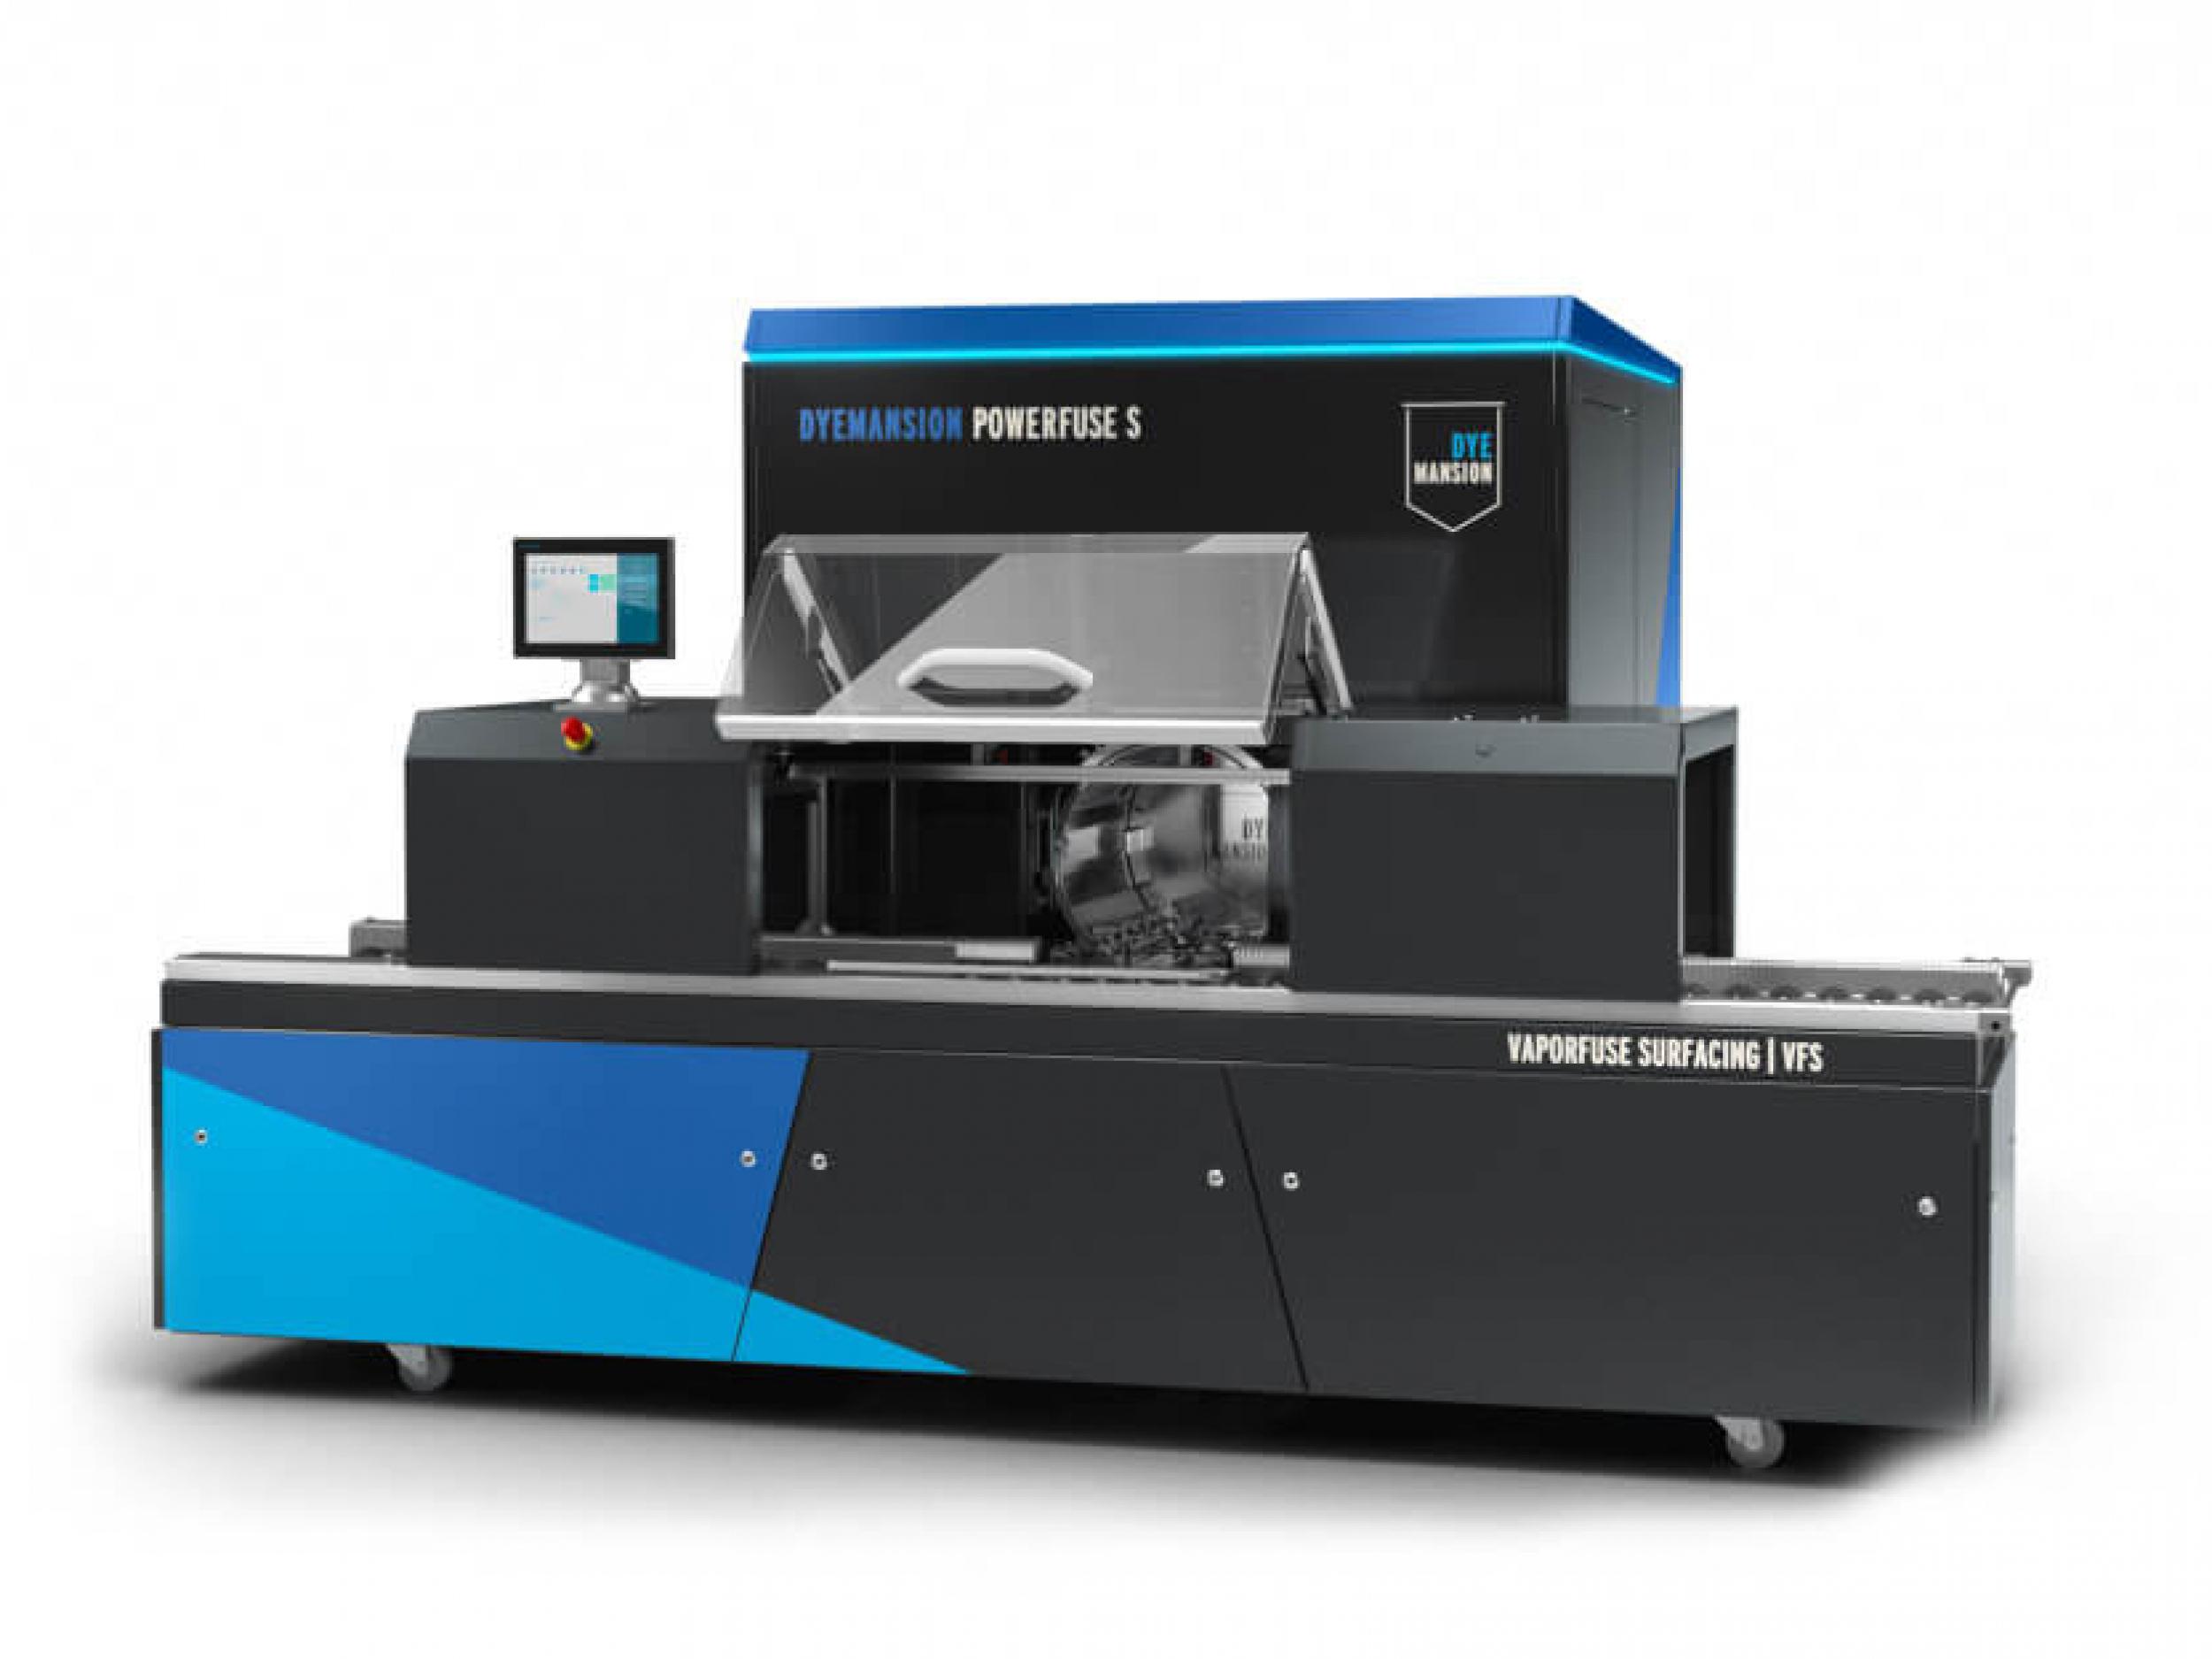 Versiegelte Oberflächen auf Spritzgussniveau Bearbeitung von Kunststoffen mit Lebensmittelkontakt umfangreiche Konnektivität und Batch-Tracking Features DyeMansion Print-to-Product Workflow